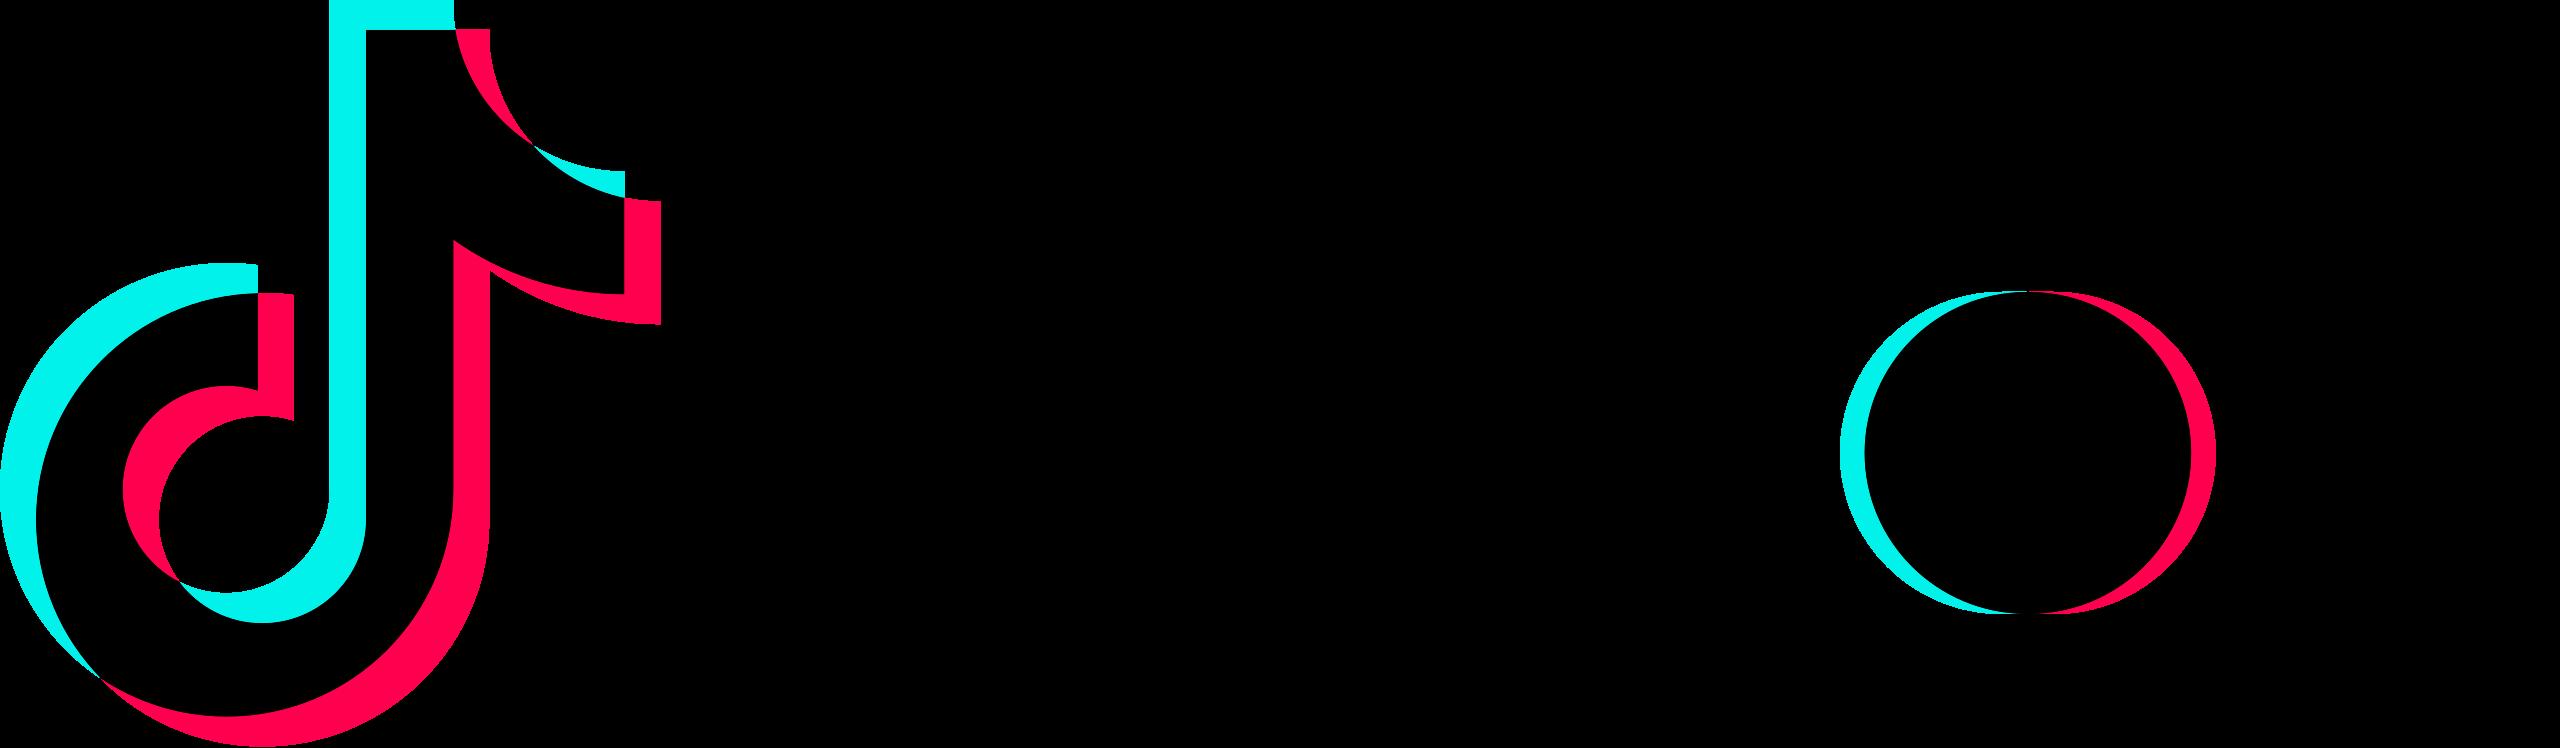 www.tiktok.com